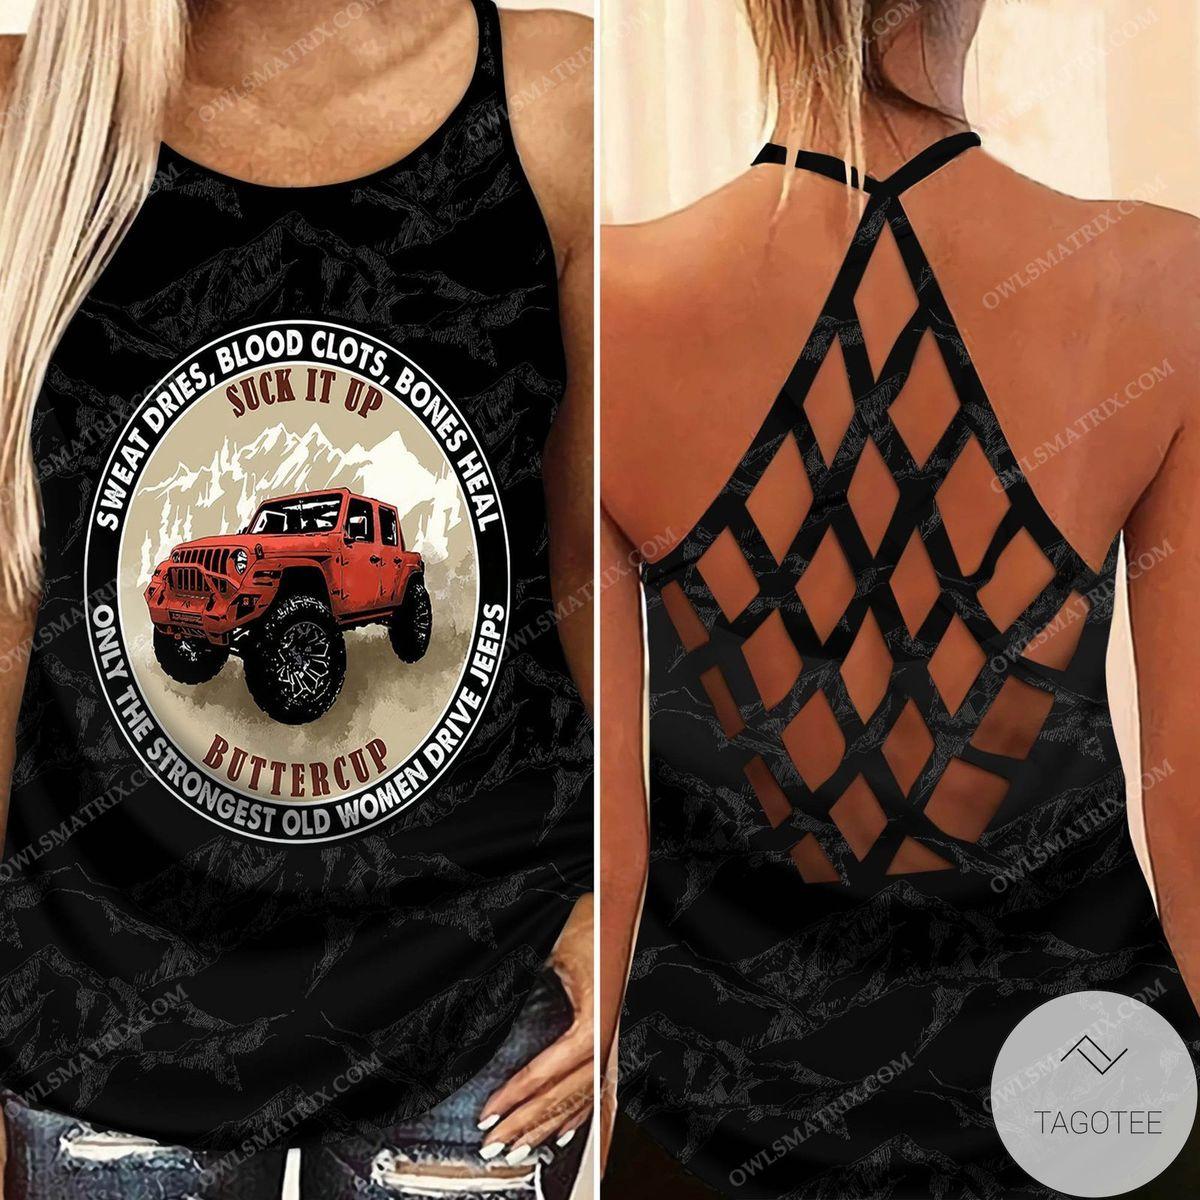 Suck It Up Buttercup Jeep Criss Cross Tank Top